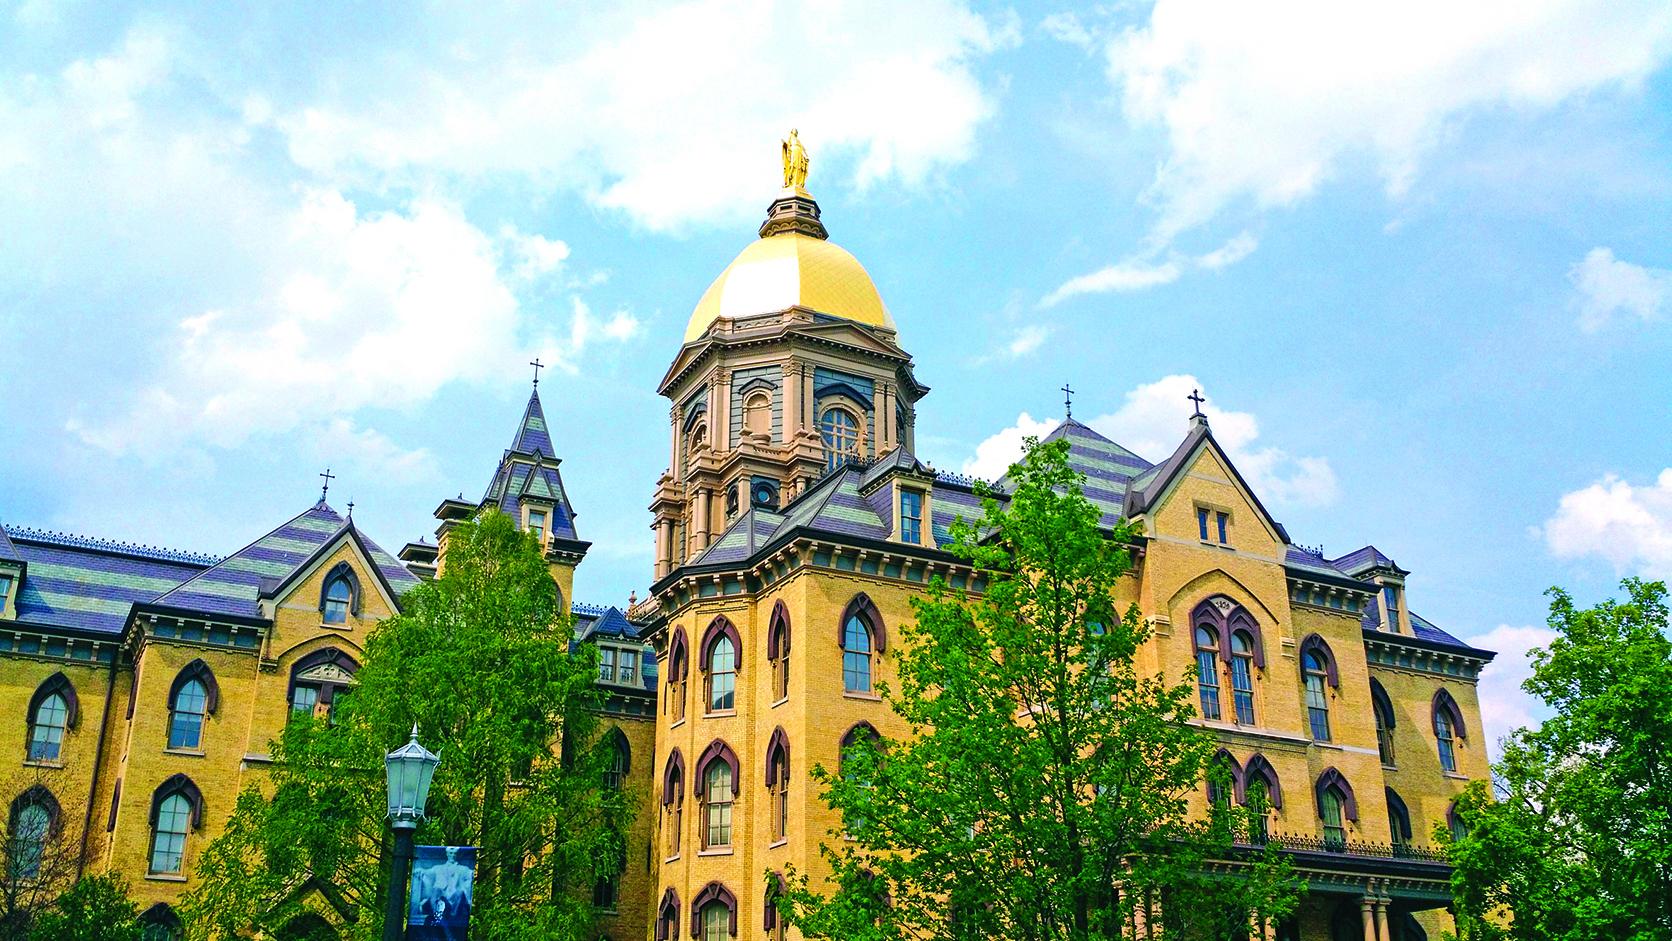 聖母大學(University of Notre Dame) 建於1879年的大火之後的主樓。 (Matthew Rice/ Wikimedia Commons)